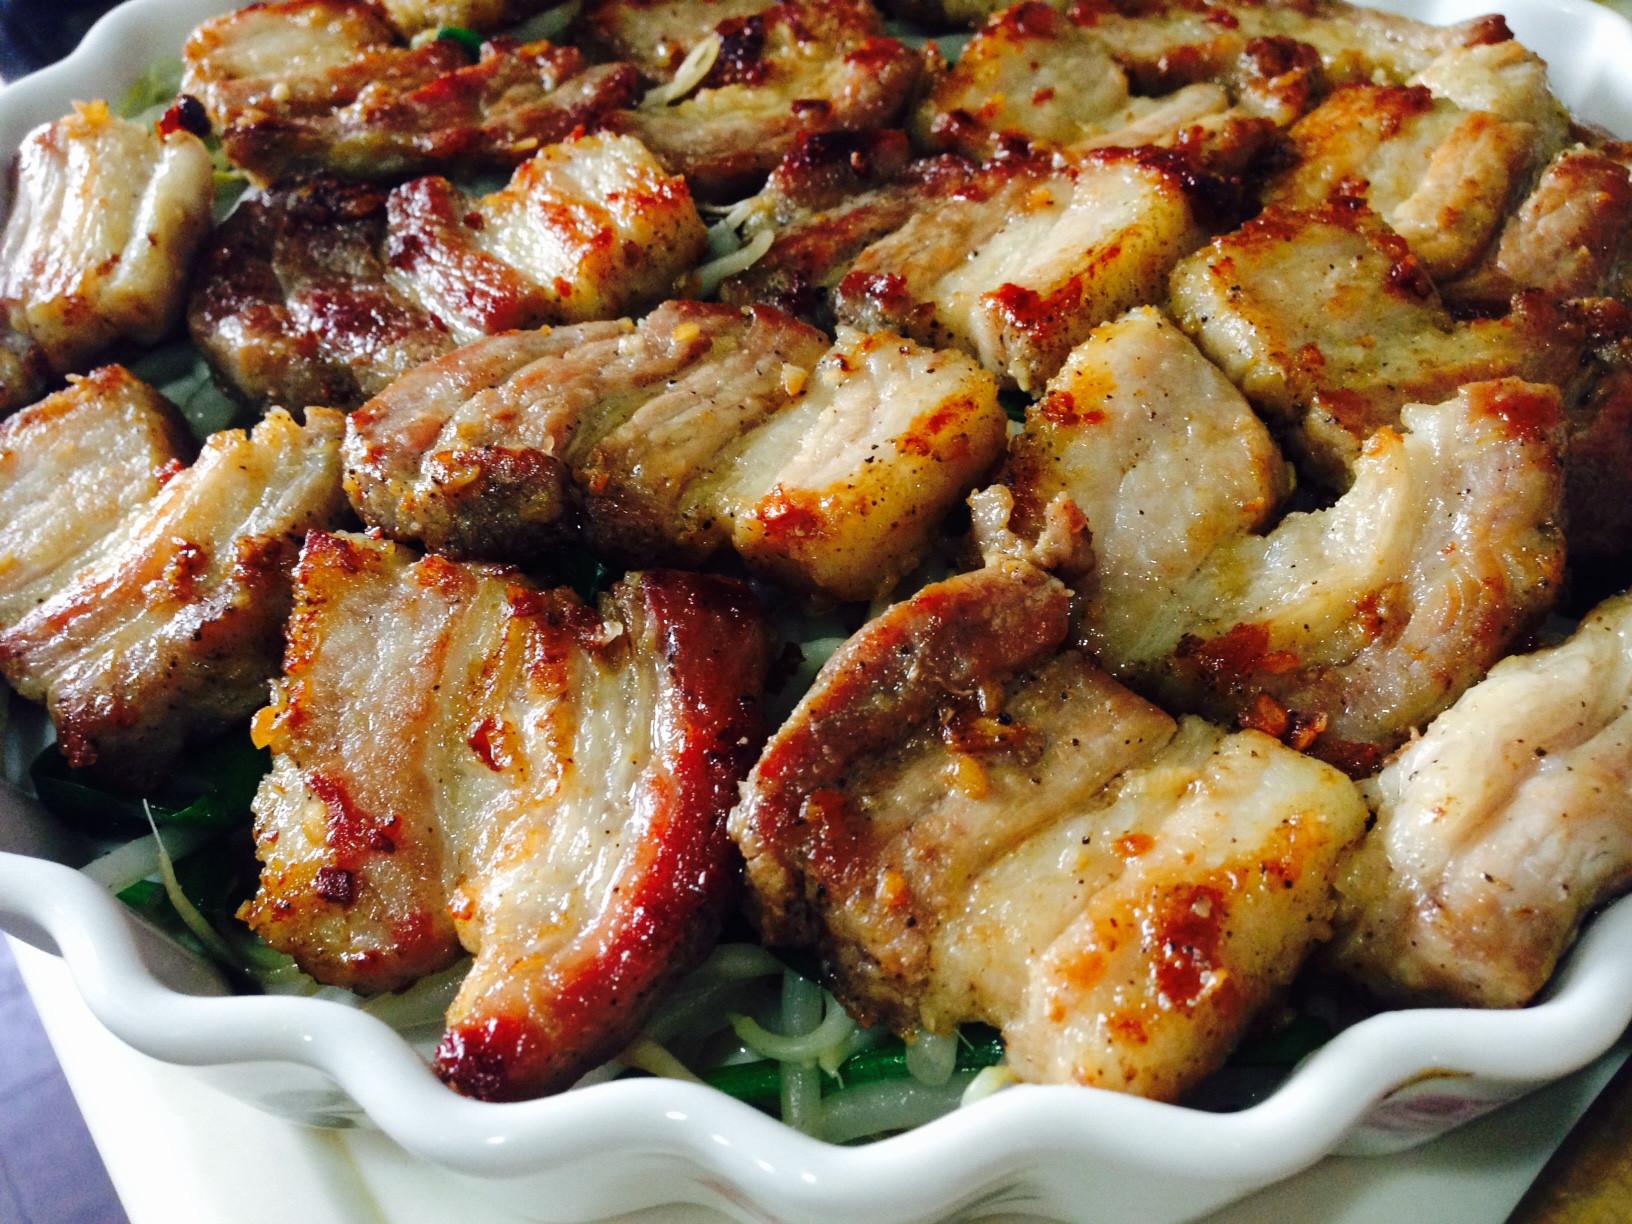 鹹豬肉烤飯